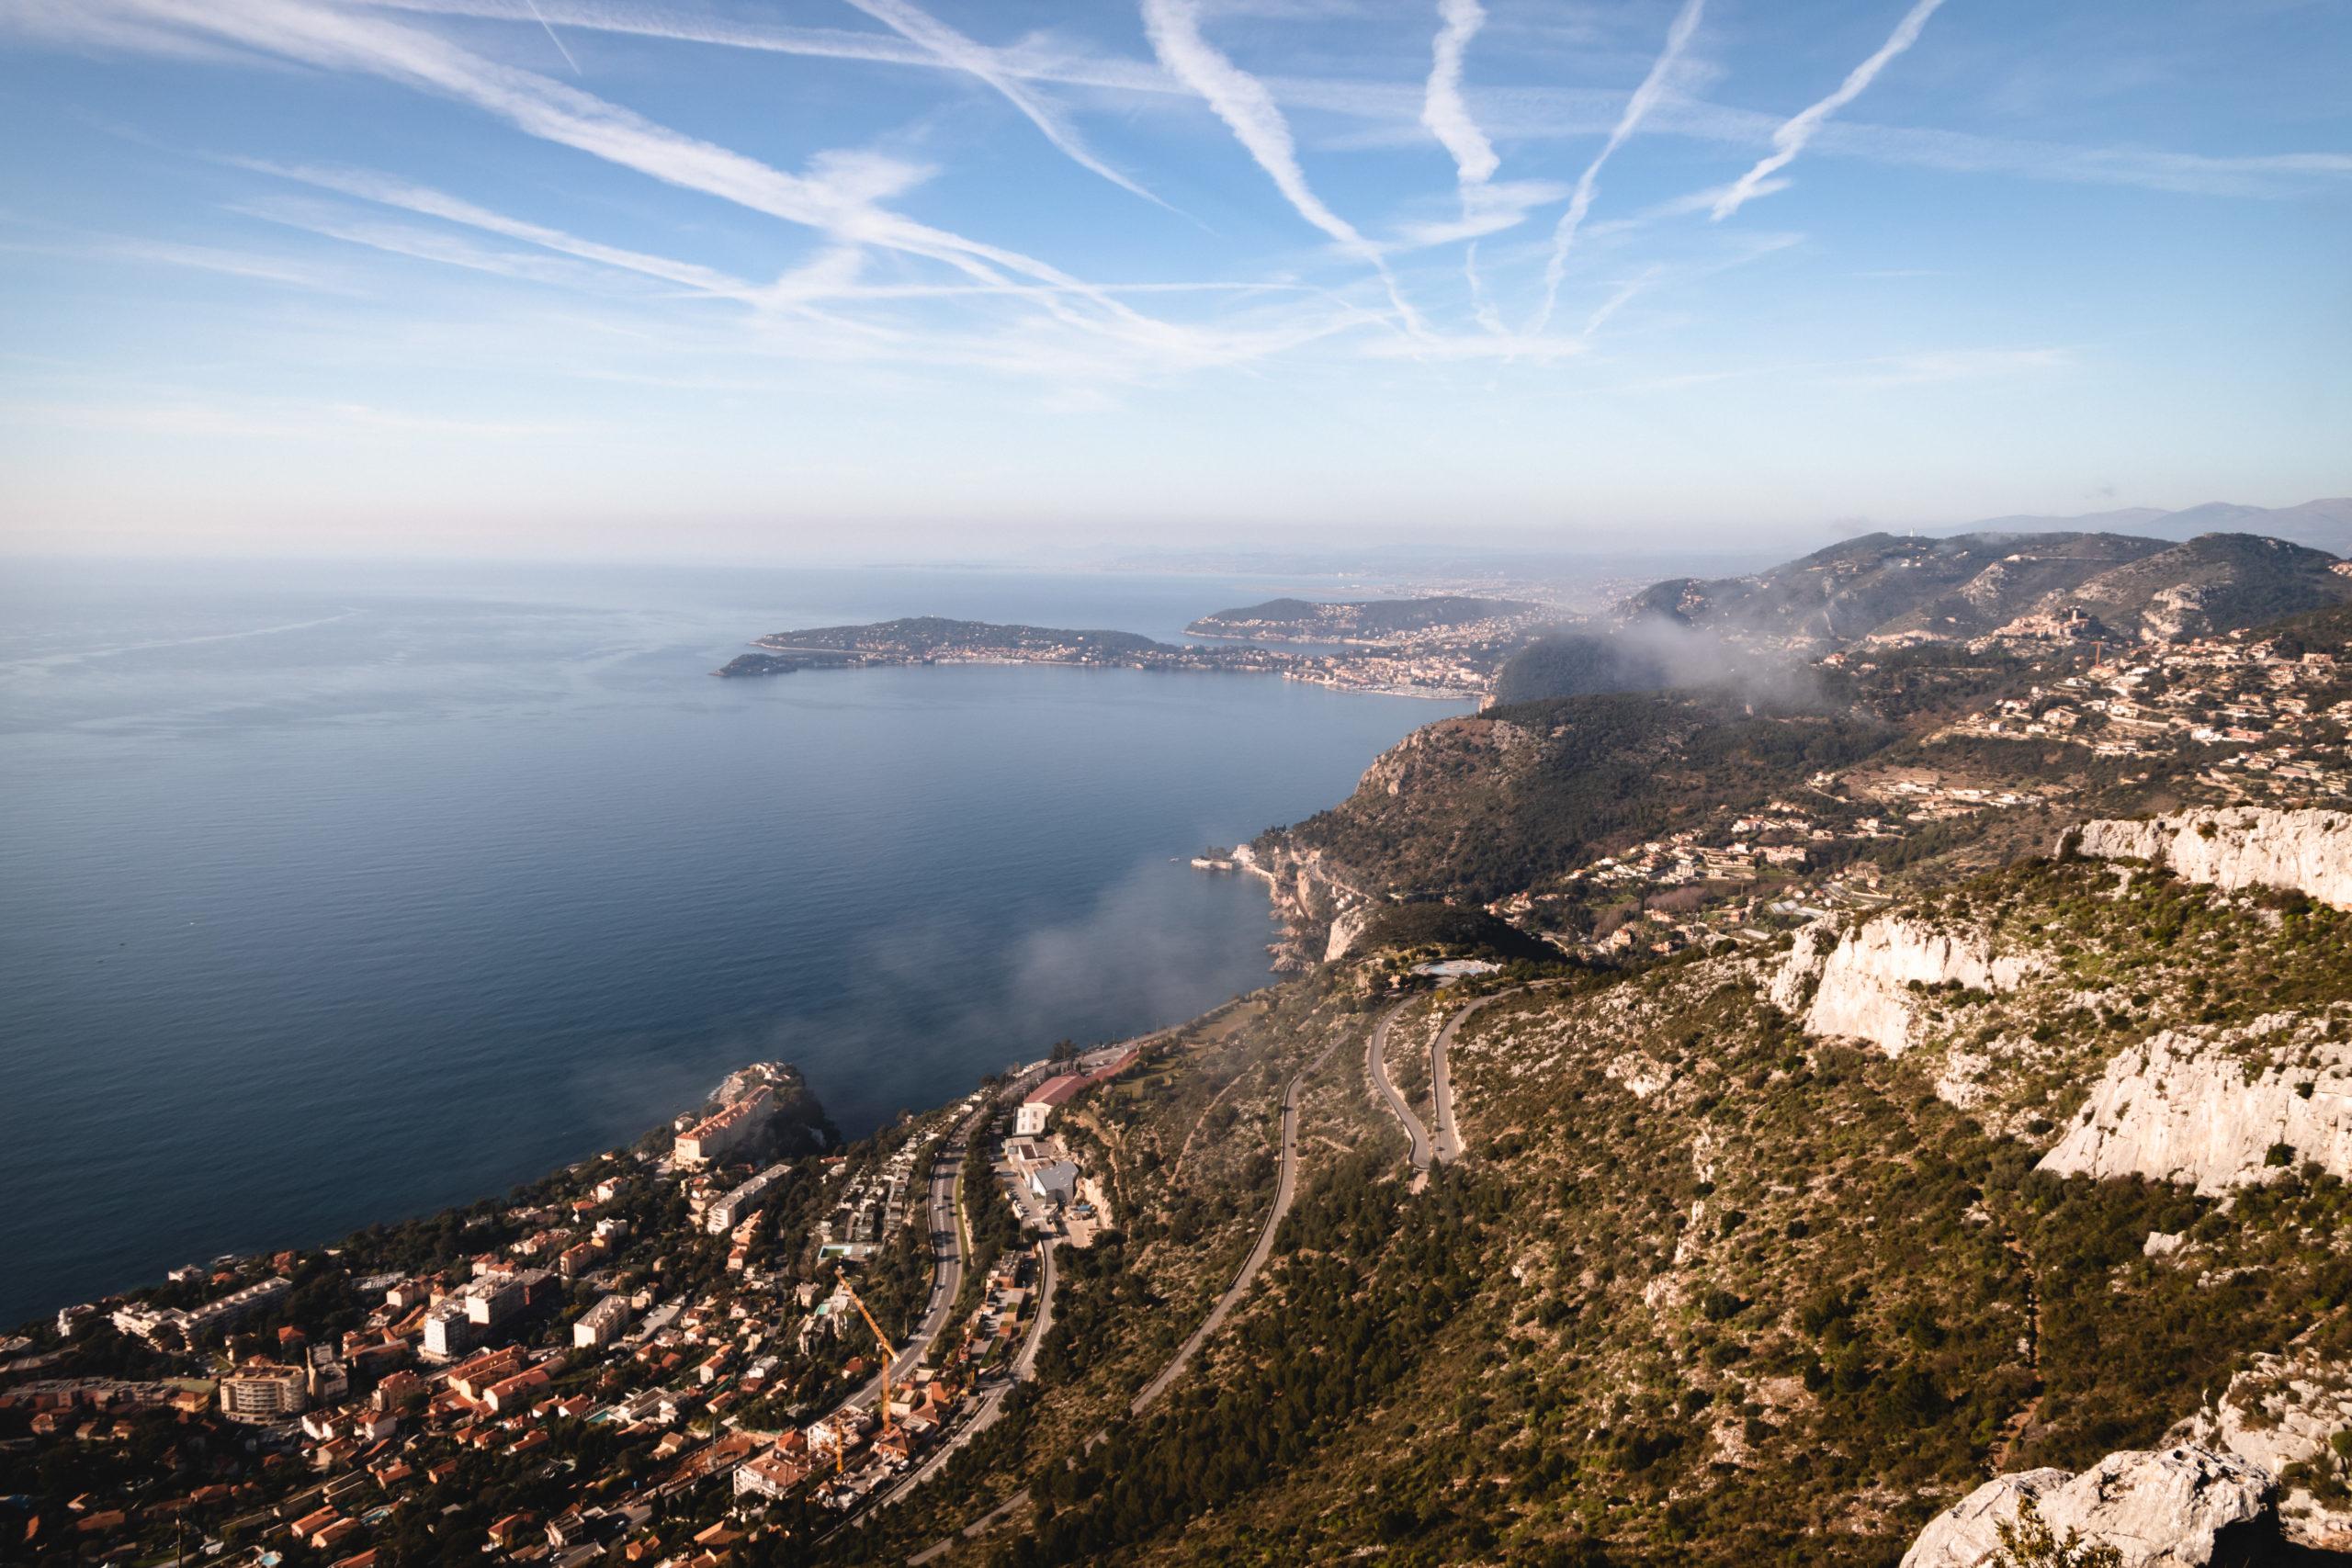 Cote d'Azur